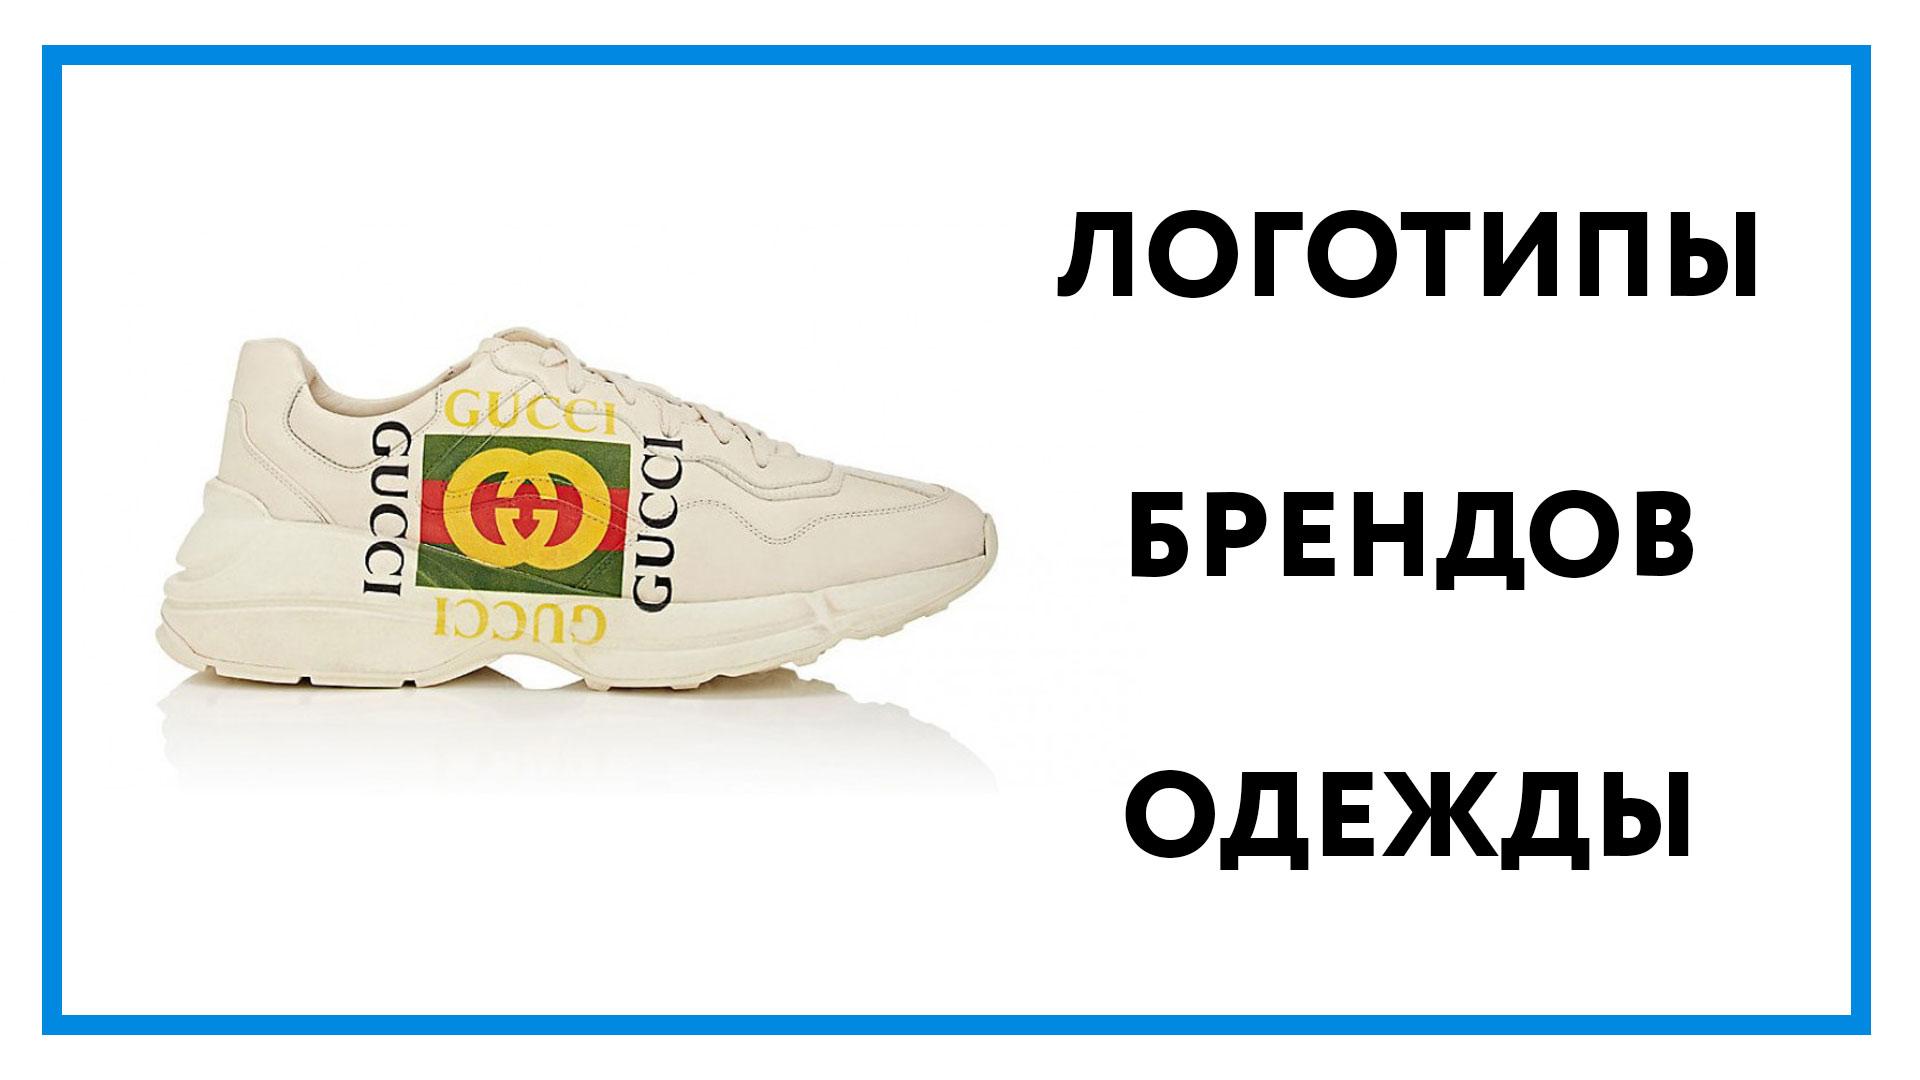 logotipy-brendov-odezhdy.jpg